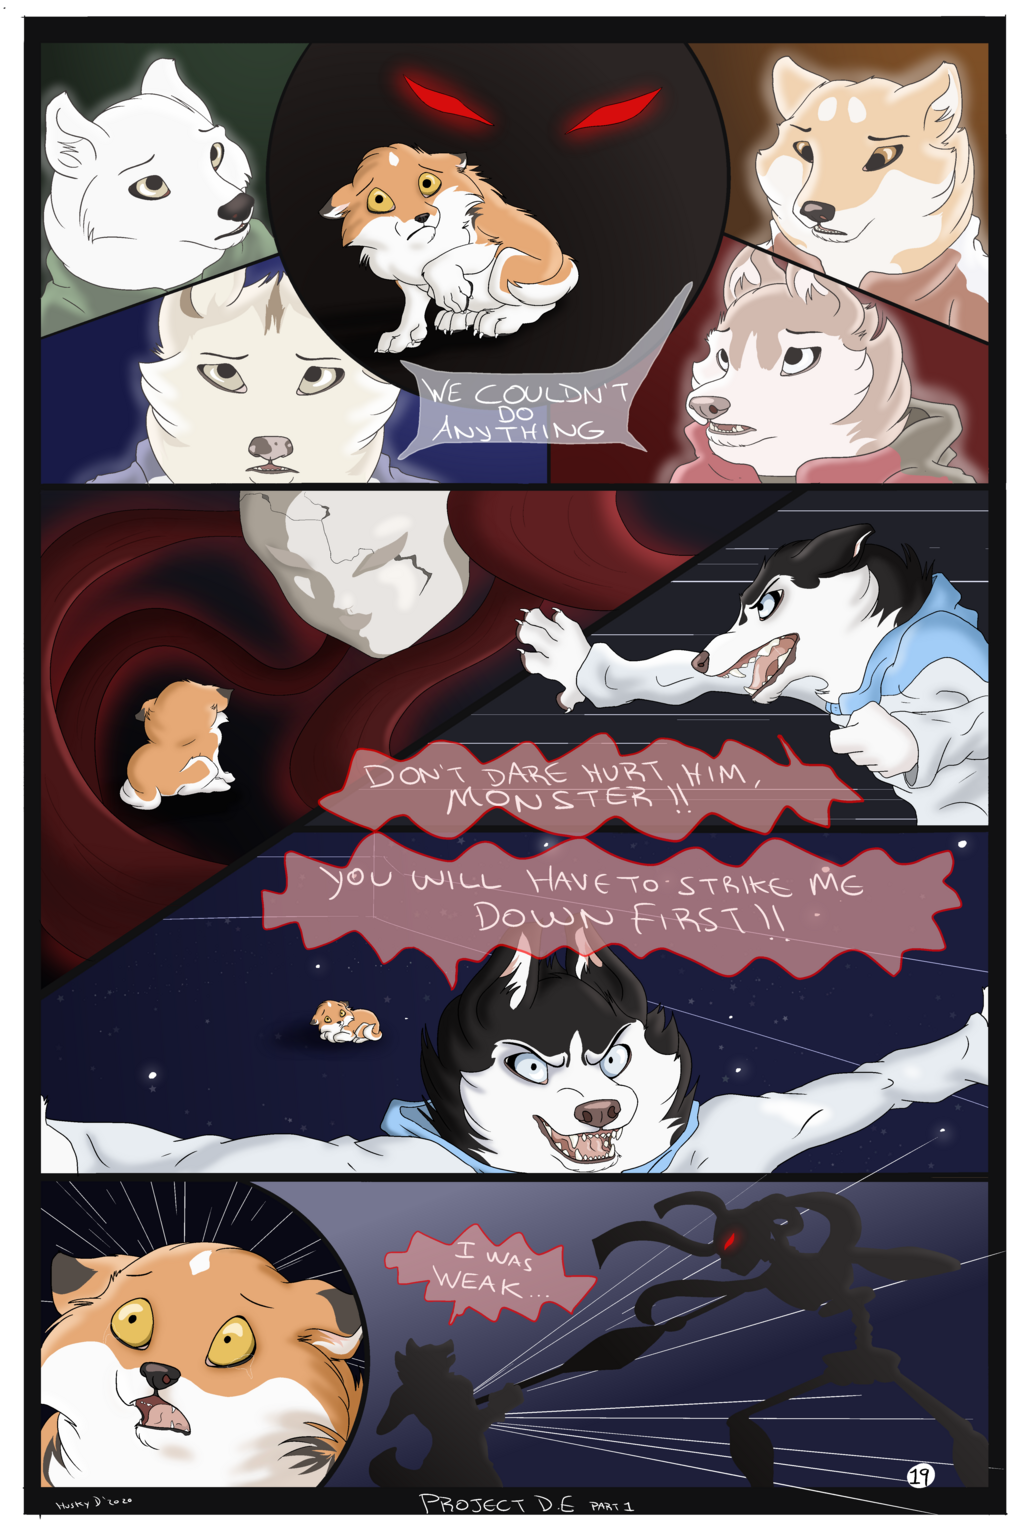 Project D.E -Comic Part 1- (Page 19)